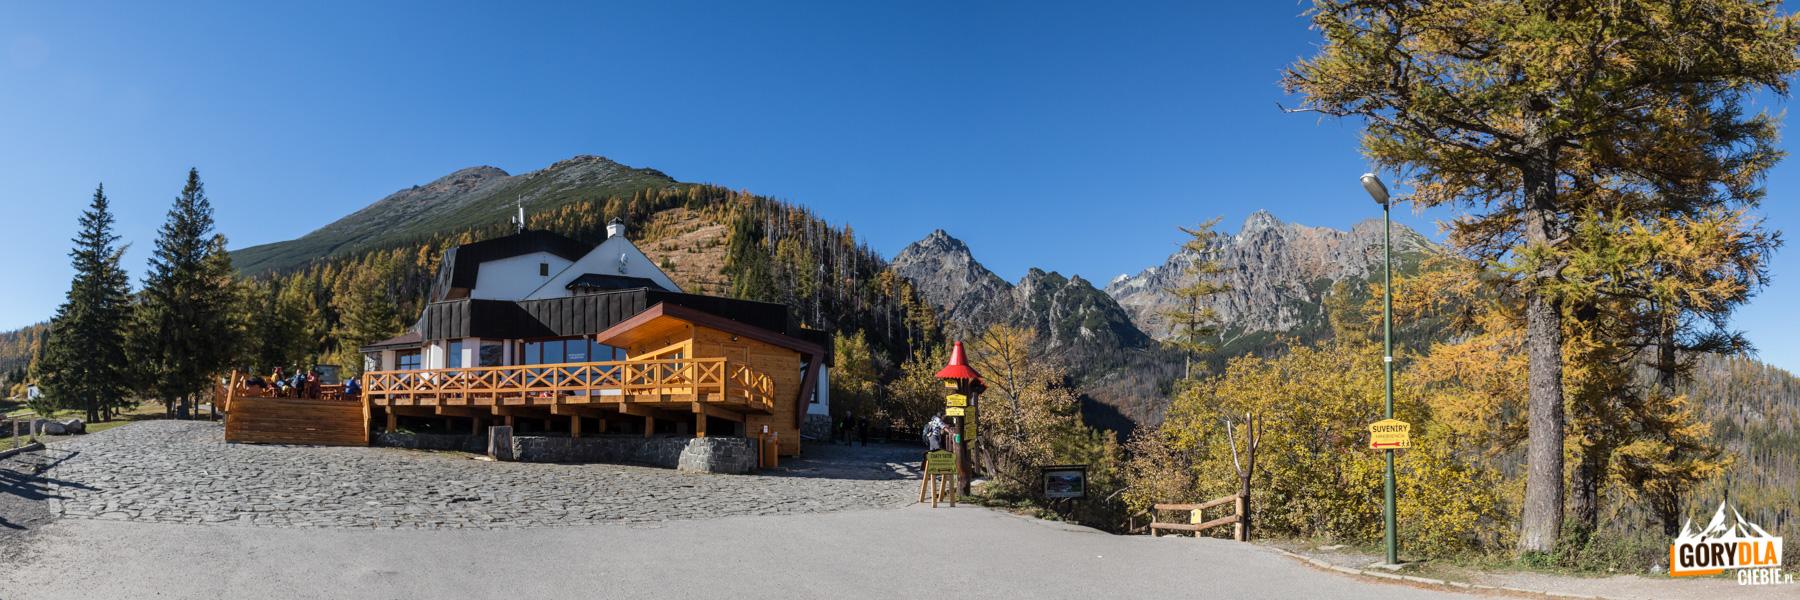 Restauracja na Hrebienku, na wprost szlak schronisko – Bilíkova chata, do Rainerowej Chaty i Wodospadów Zimnej Wody, w tle widać Łomnicę